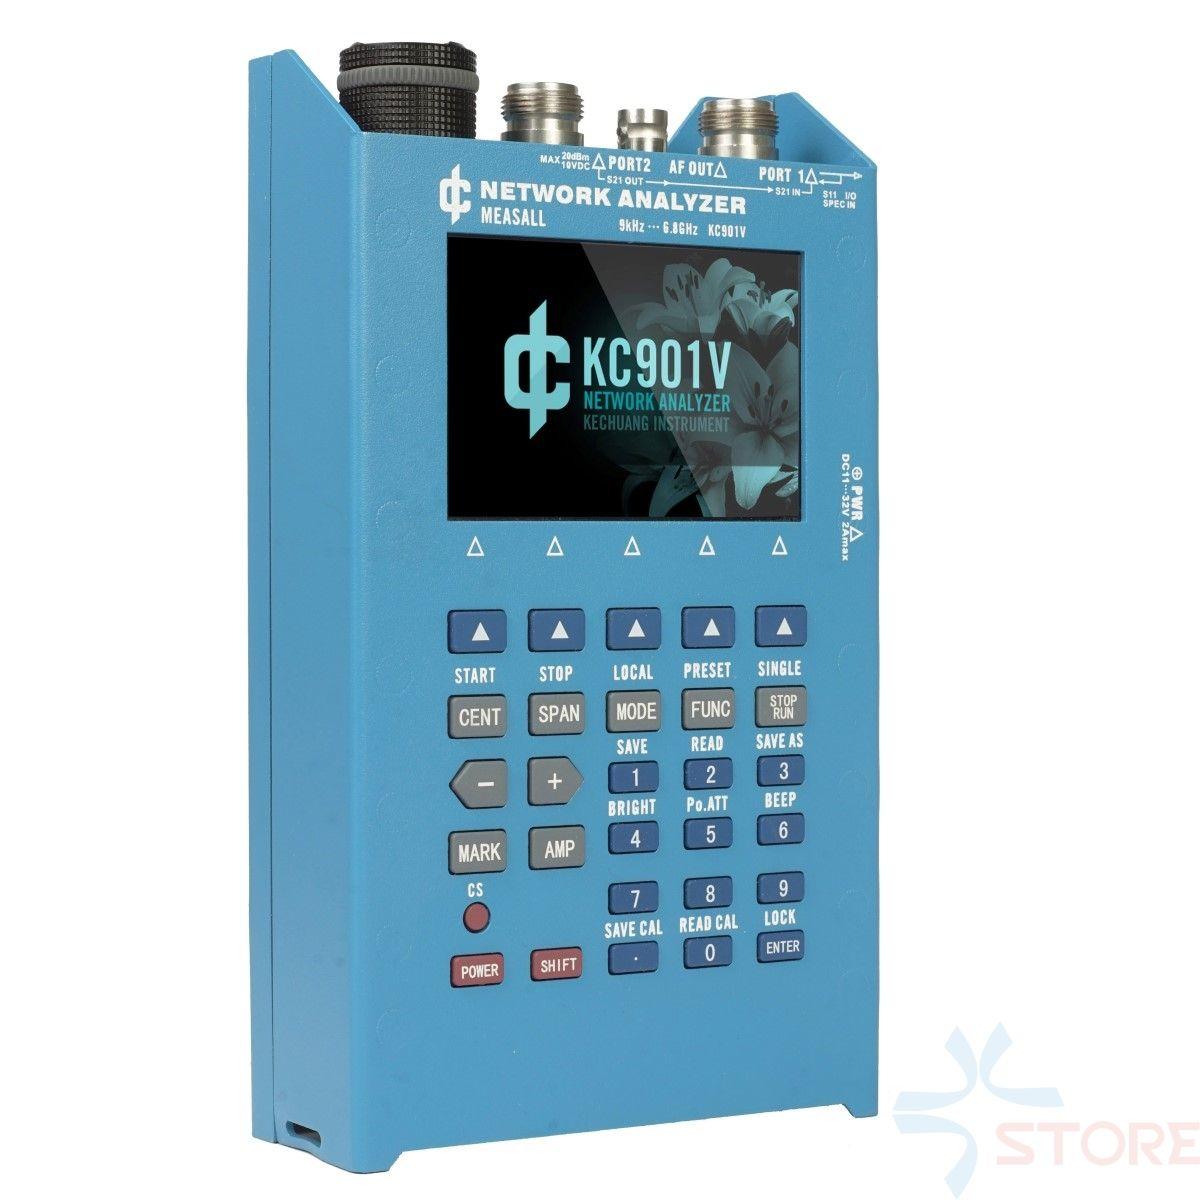 KC901V 6.8GHz Handheld Network Analyzer RF multimeter vector network analyzer day feeder analysis